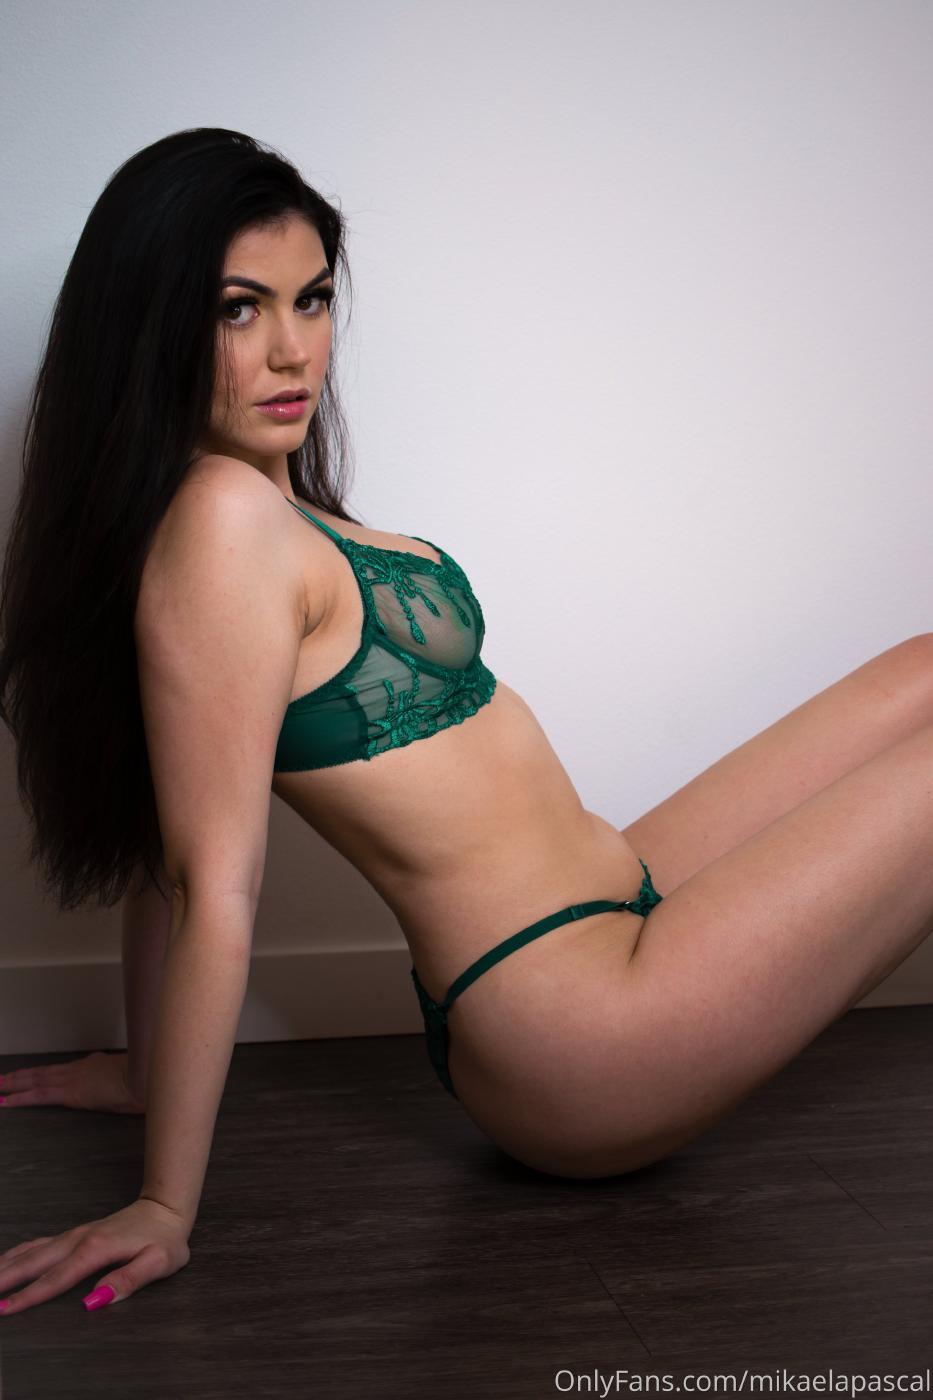 Mikaela Pascal Green Lingerie Onlyfans Set Leaked 0004